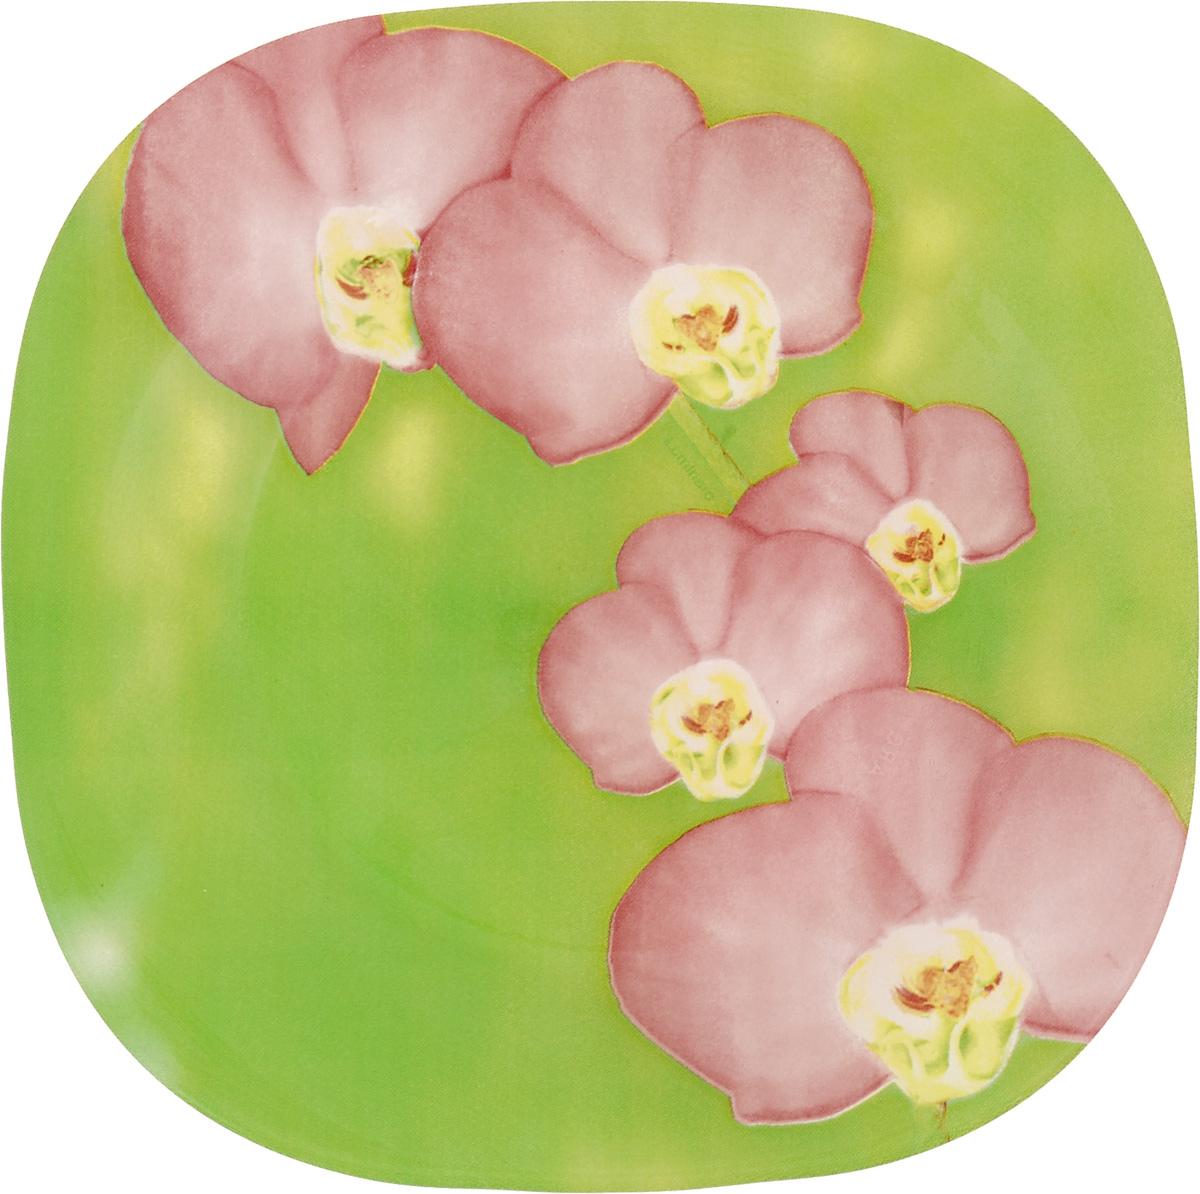 Тарелка десертная Luminarc Carina Erine, 18 х 18 смJ7911Десертная тарелка Luminarc Carina Erine, изготовленная из ударопрочного стекла, декорирована ярким рисунком. Такая тарелка прекрасно подходит как для торжественных случаев, так и для повседневного использования. Идеальна для подачи десертов, пирожных, тортов и многого другого. Она прекрасно оформит стол и станет отличным дополнением к вашей коллекции кухонной посуды. Размер тарелки (по верхнему краю): 18 см.